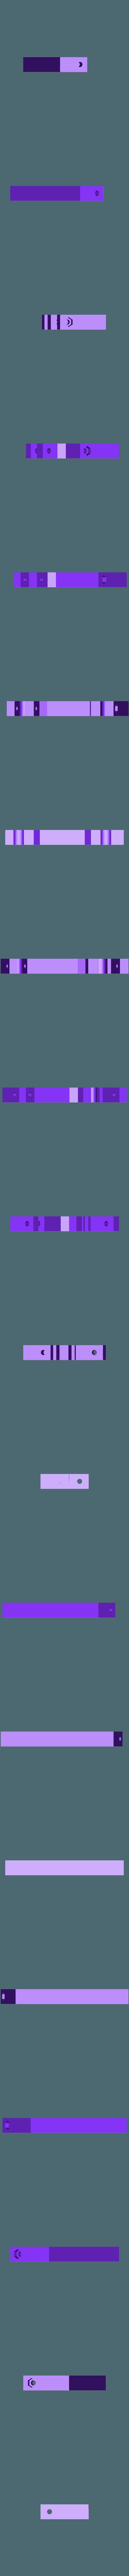 z_fixed.stl Télécharger fichier STL gratuit Ajustement fin Z pour OB1.4 • Modèle pour imprimante 3D, volpiclaudio